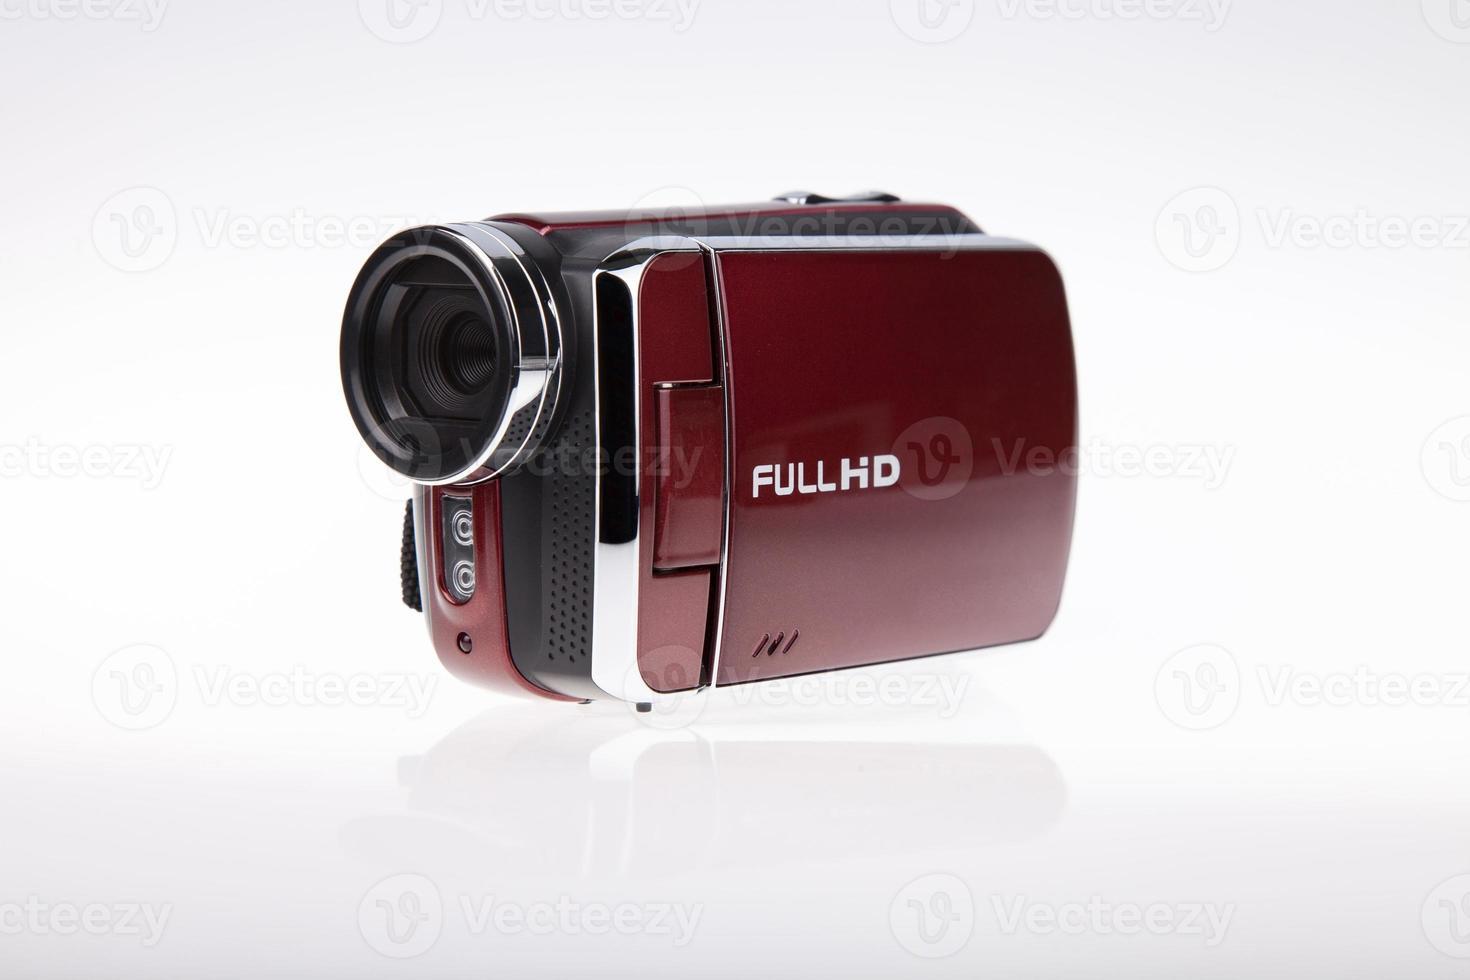 caméscope Full HD vidéo - images de stock libres de droits photo